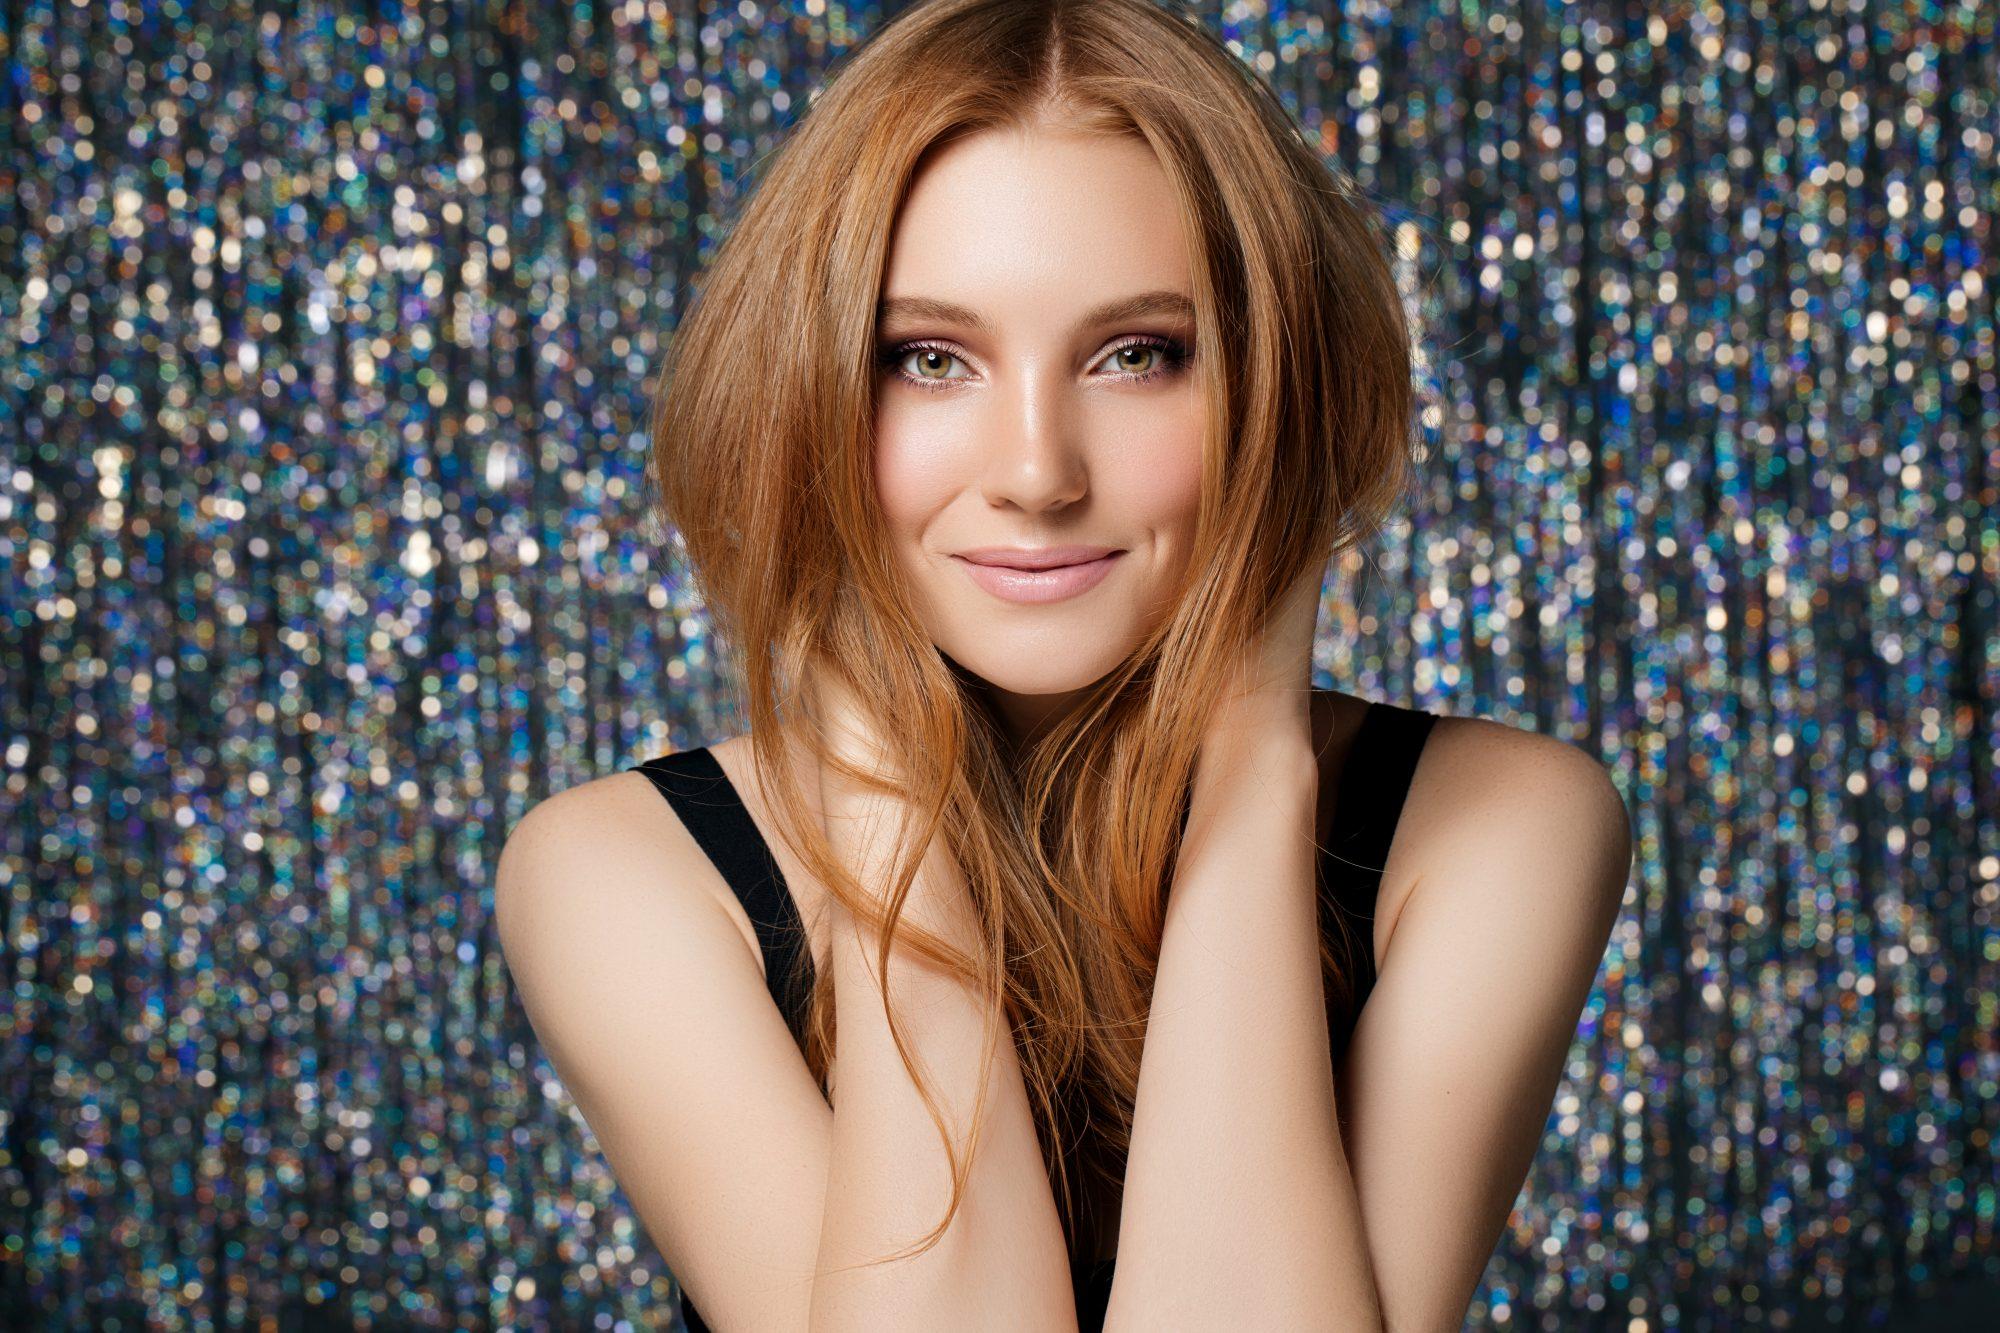 Young beautiful woman - Cuestion de piel - Diciembre 2020/Enero 2021